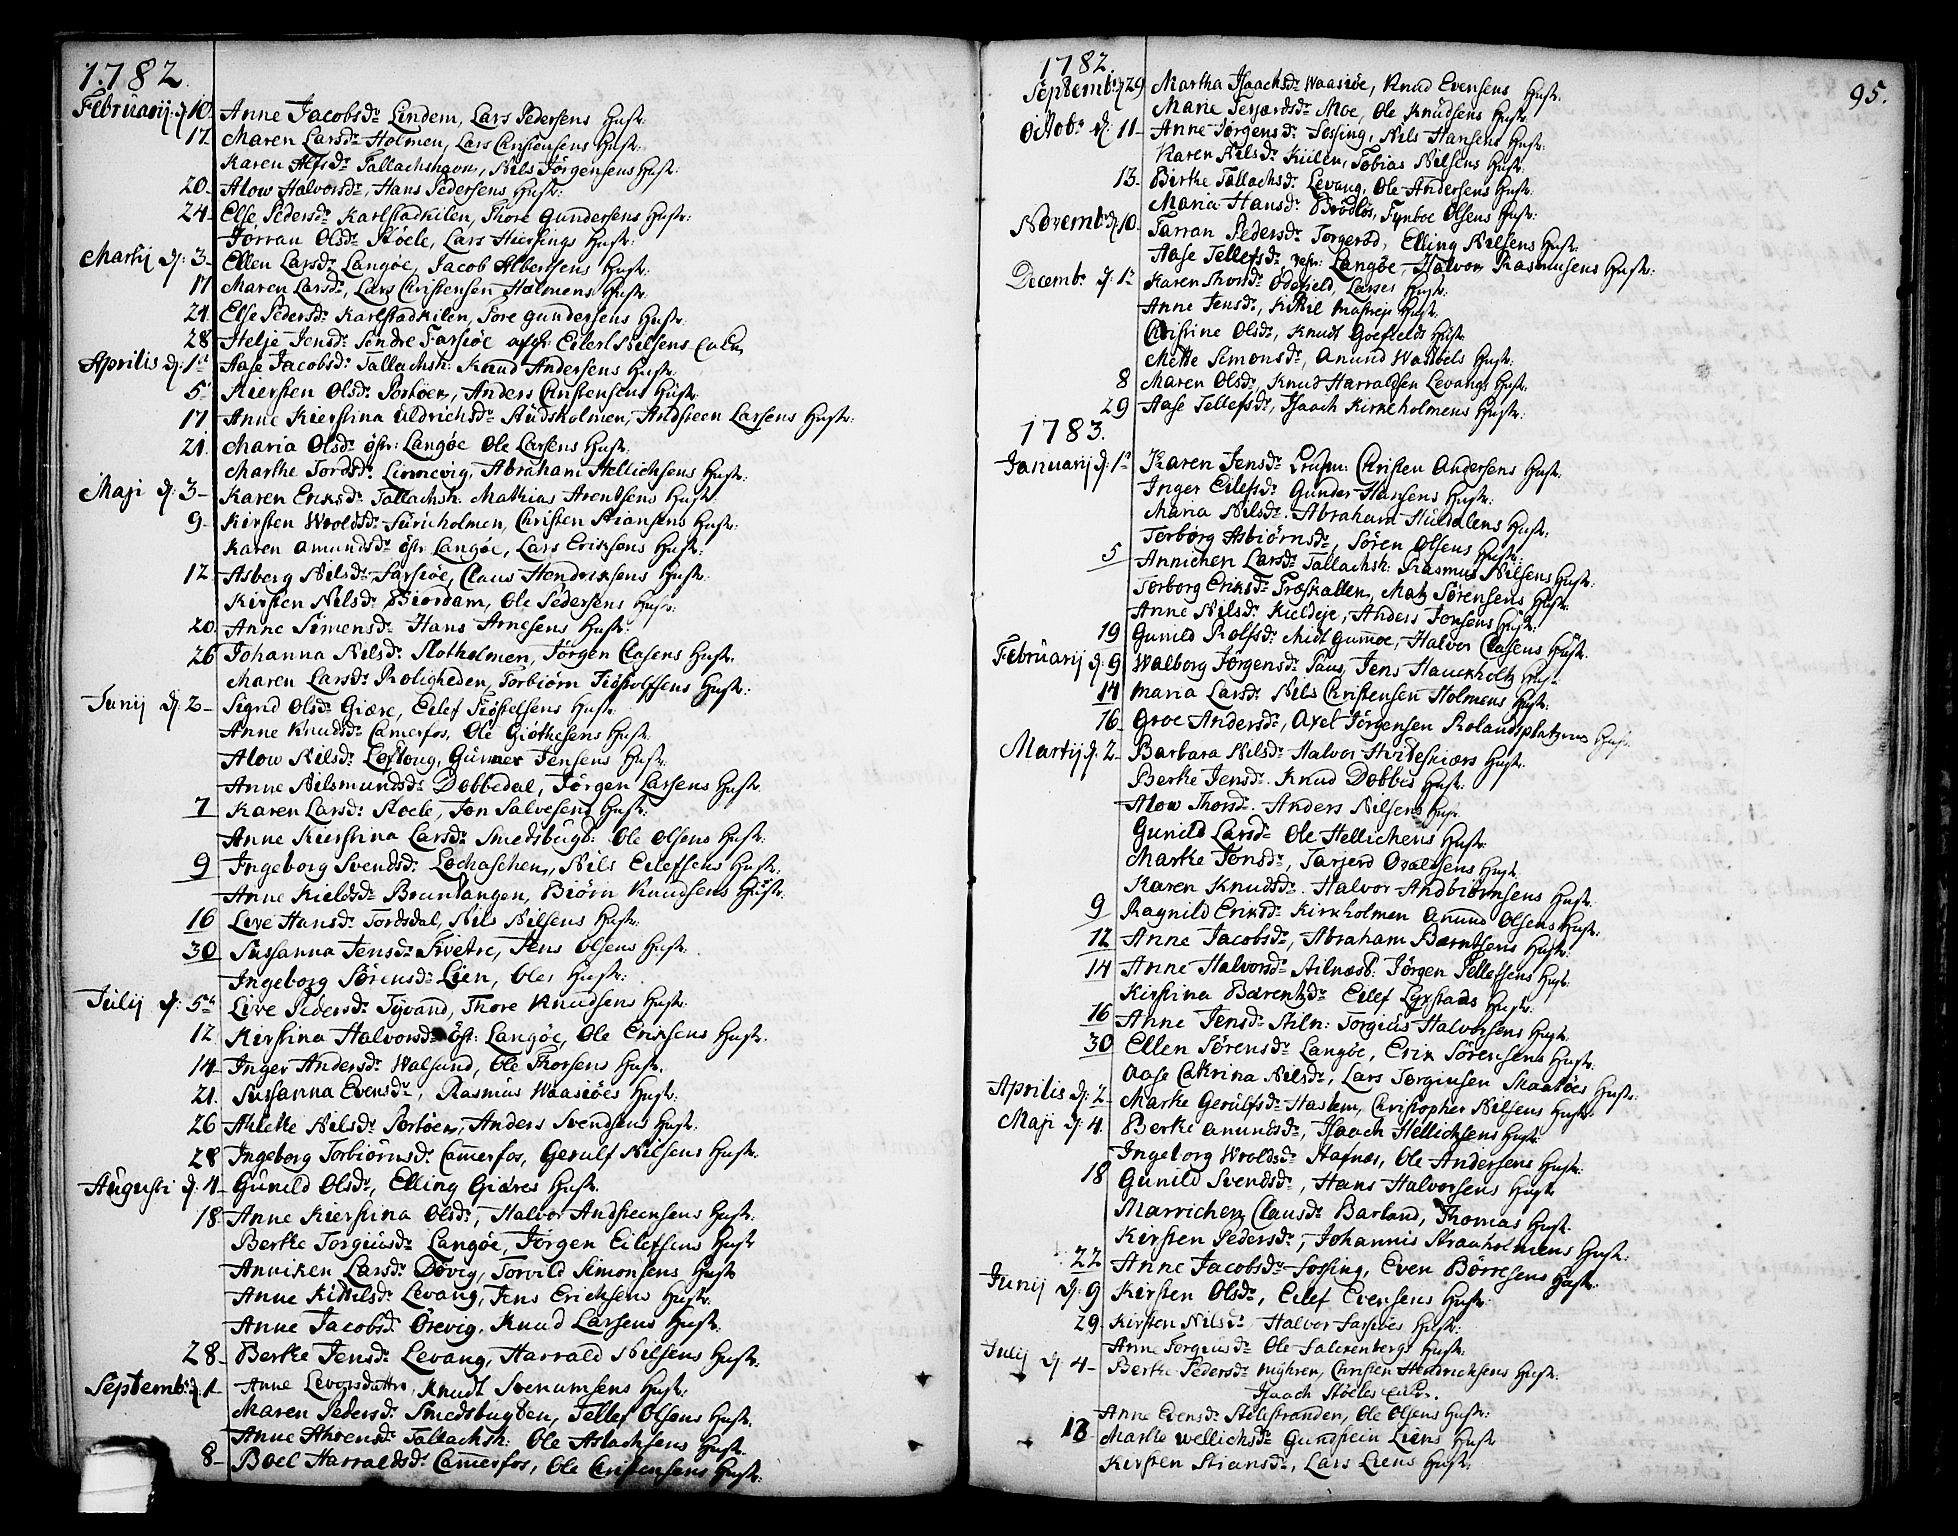 SAKO, Sannidal kirkebøker, F/Fa/L0002: Ministerialbok nr. 2, 1767-1802, s. 95